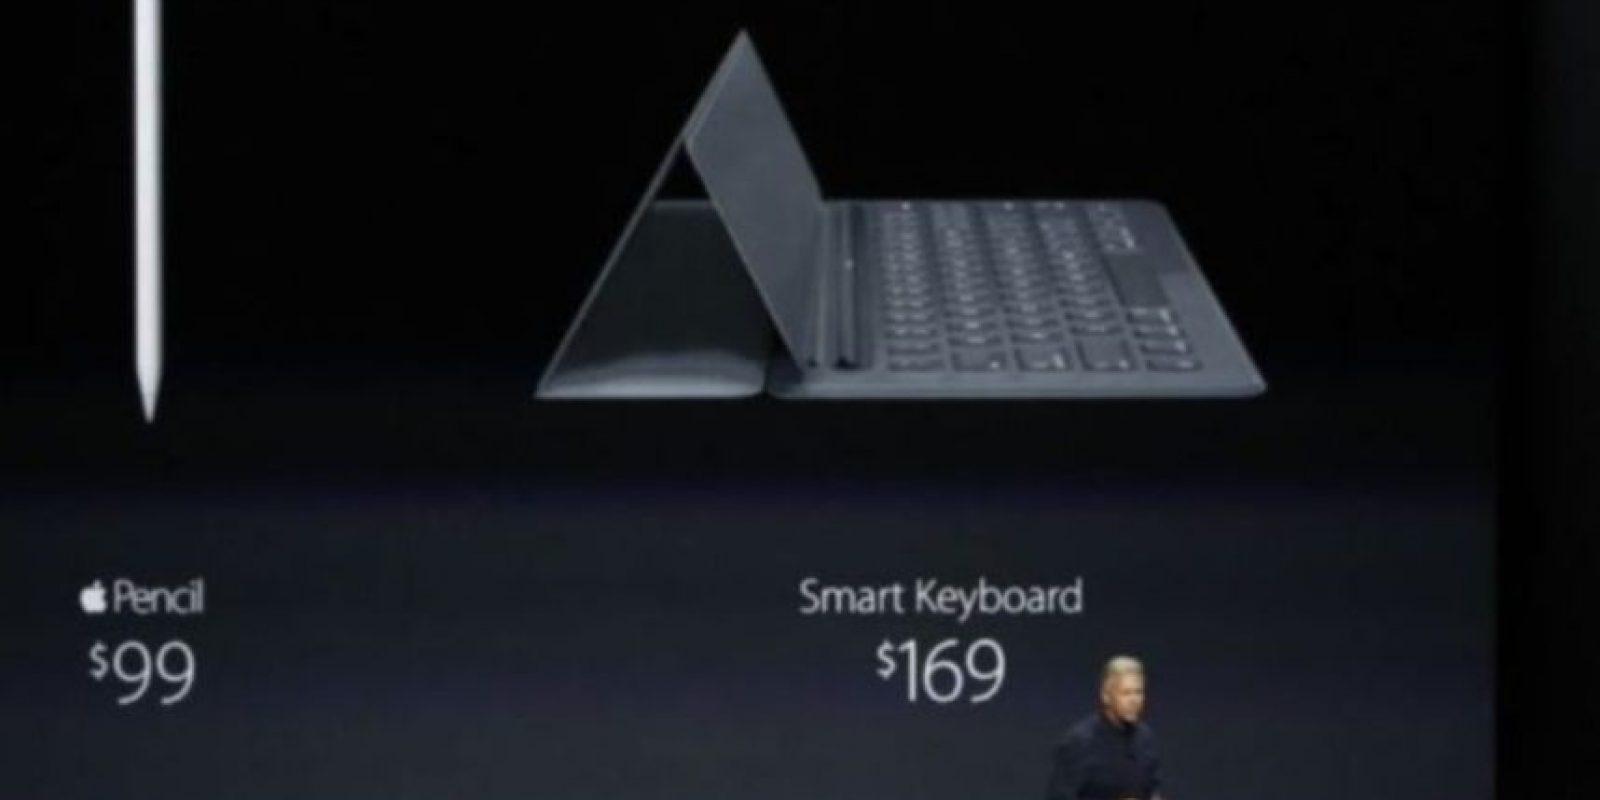 Apple Pencil tiene un costo de 99 dólares, mientras que 169 dólares por el Smart Keyboard. Foto:Apple